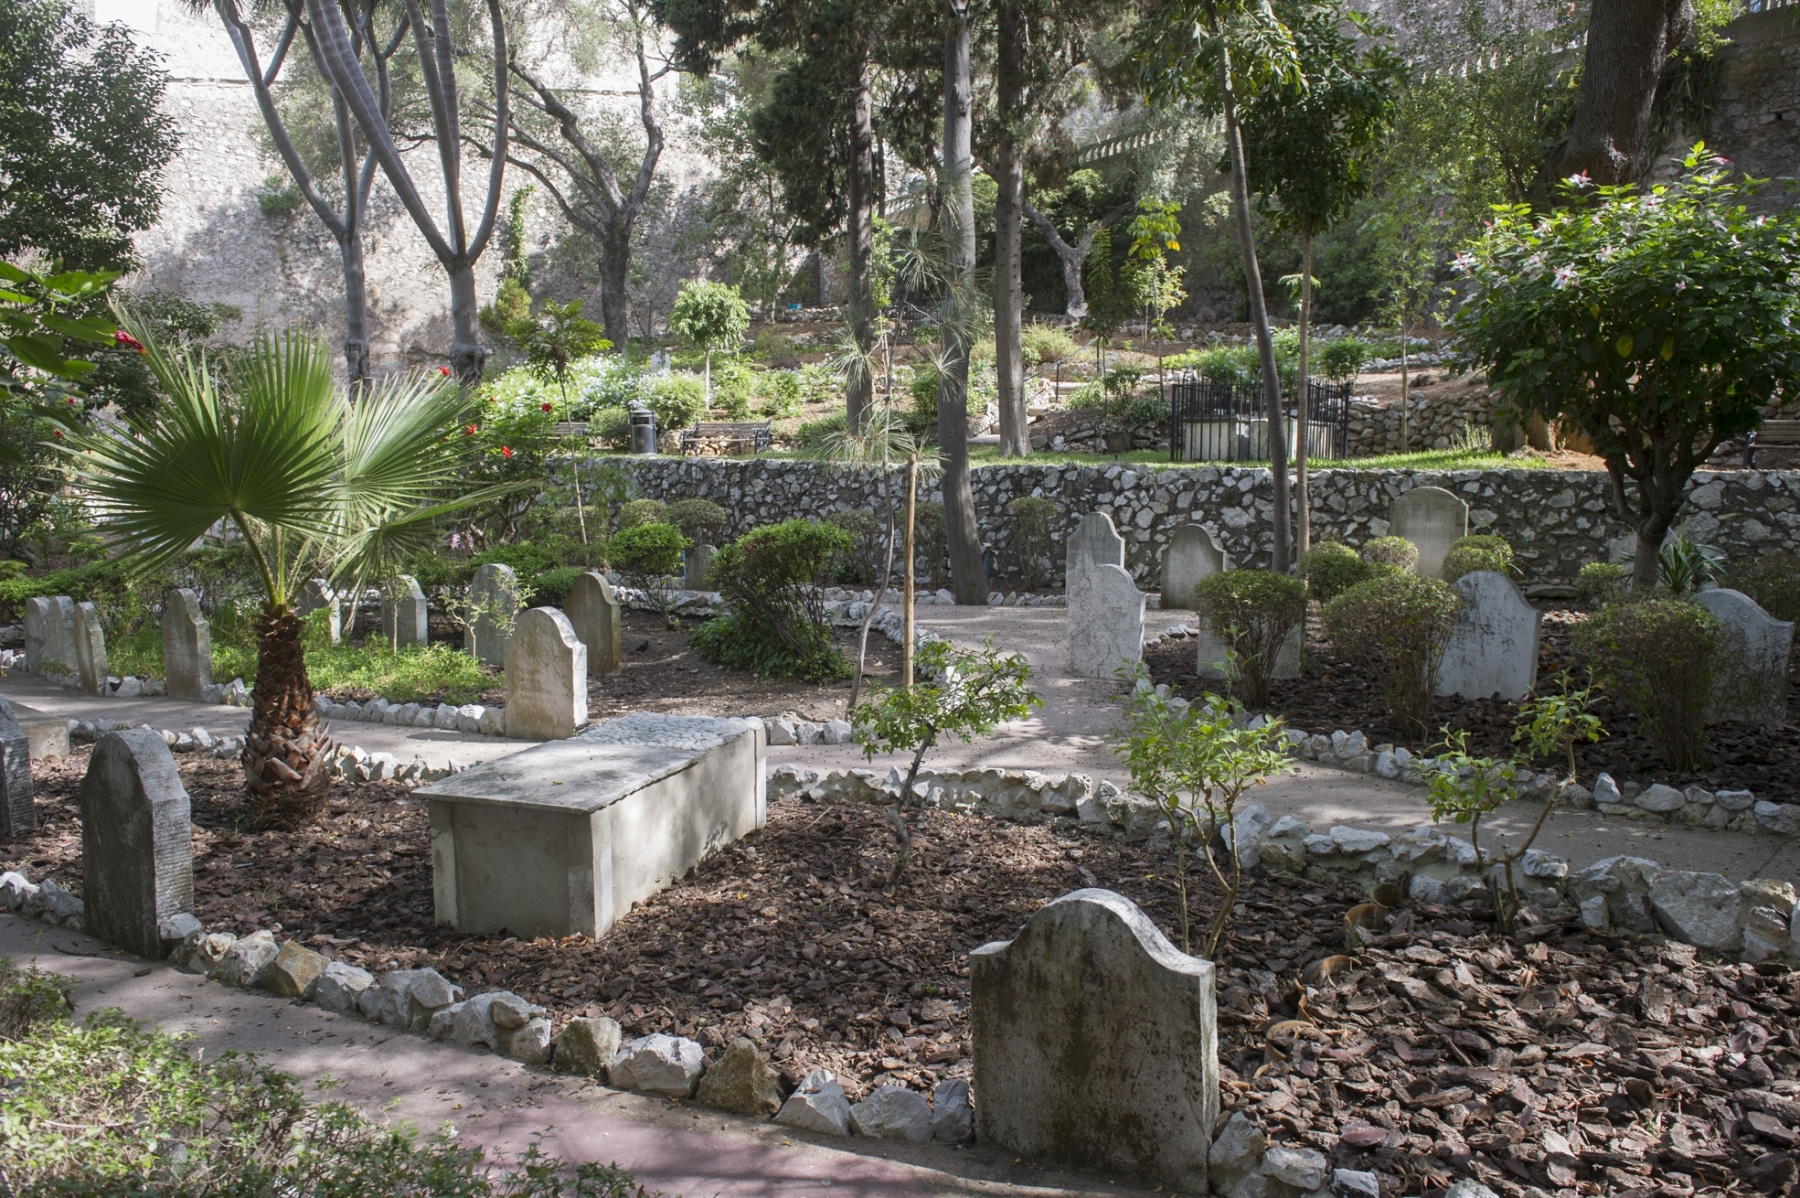 cementerio-de-trafalgar-gibraltar_22744606985_o